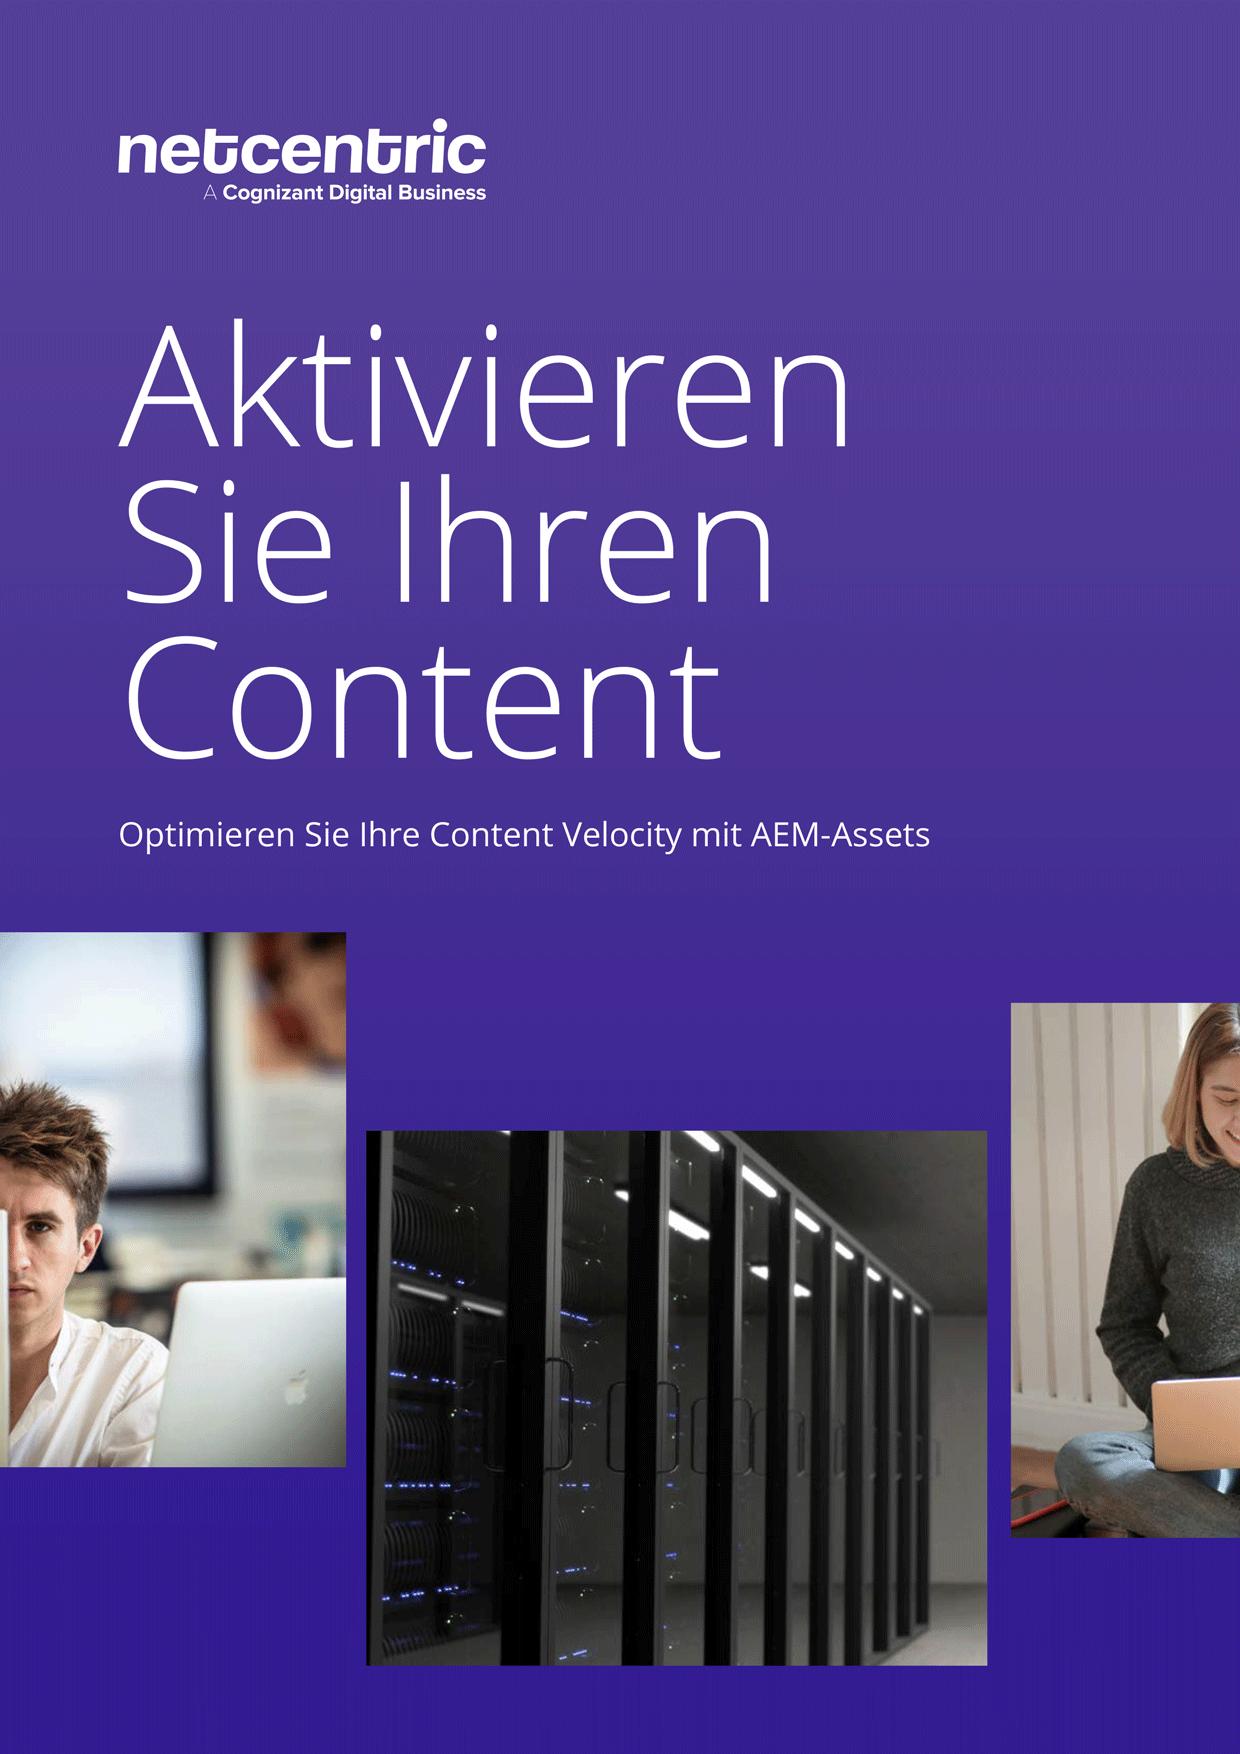 Netcentric - Aktivieren Sie Ihren Content